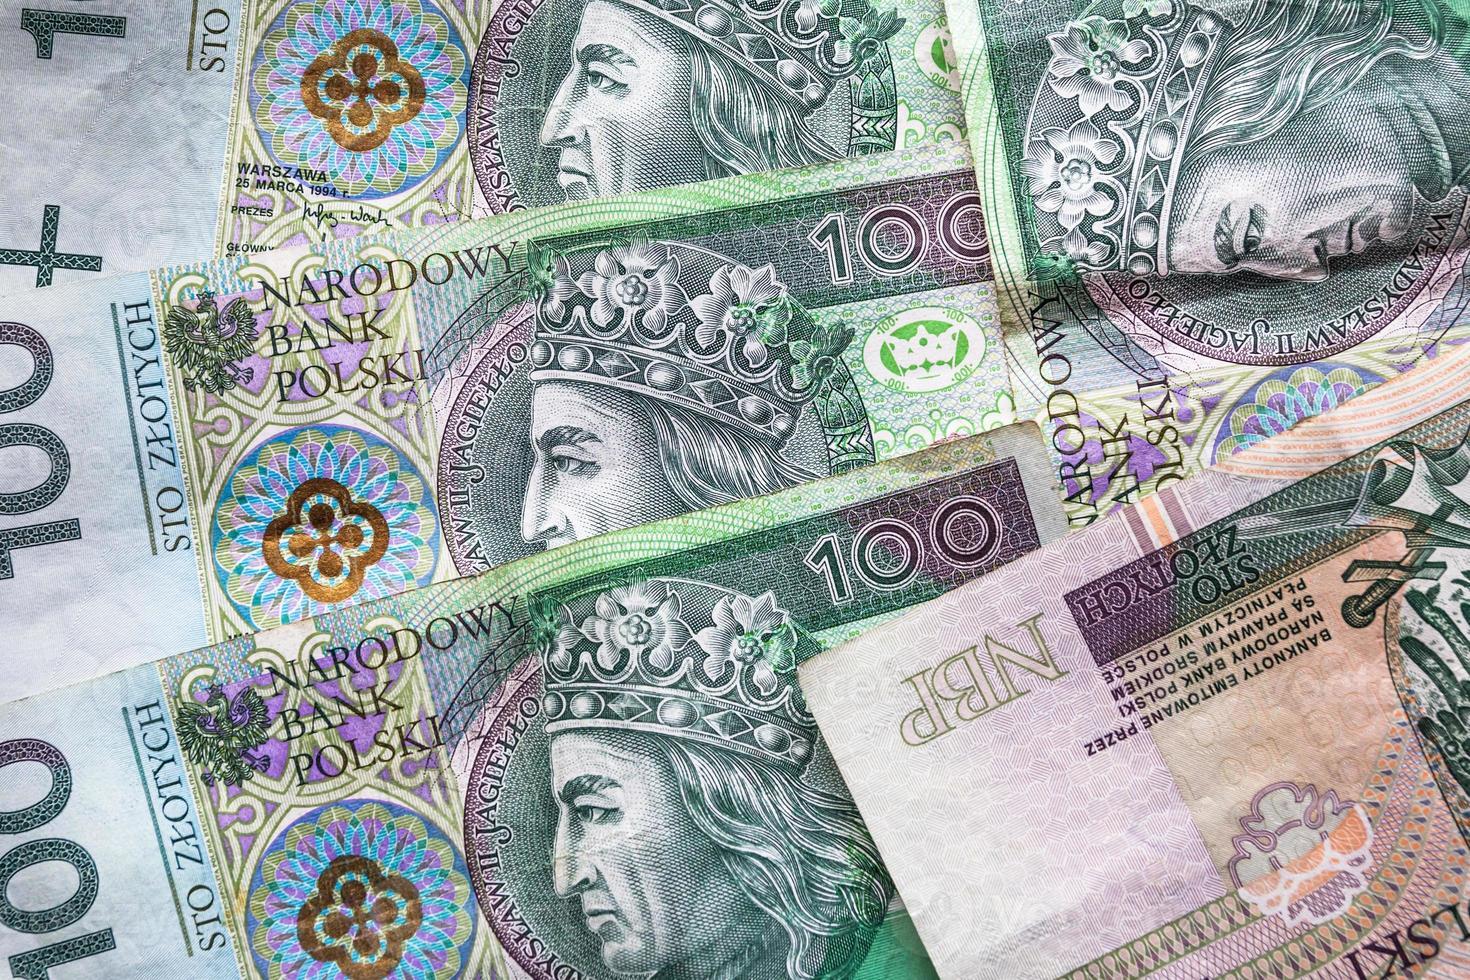 sfondo di denaro accatastato molte banconote polacche foto